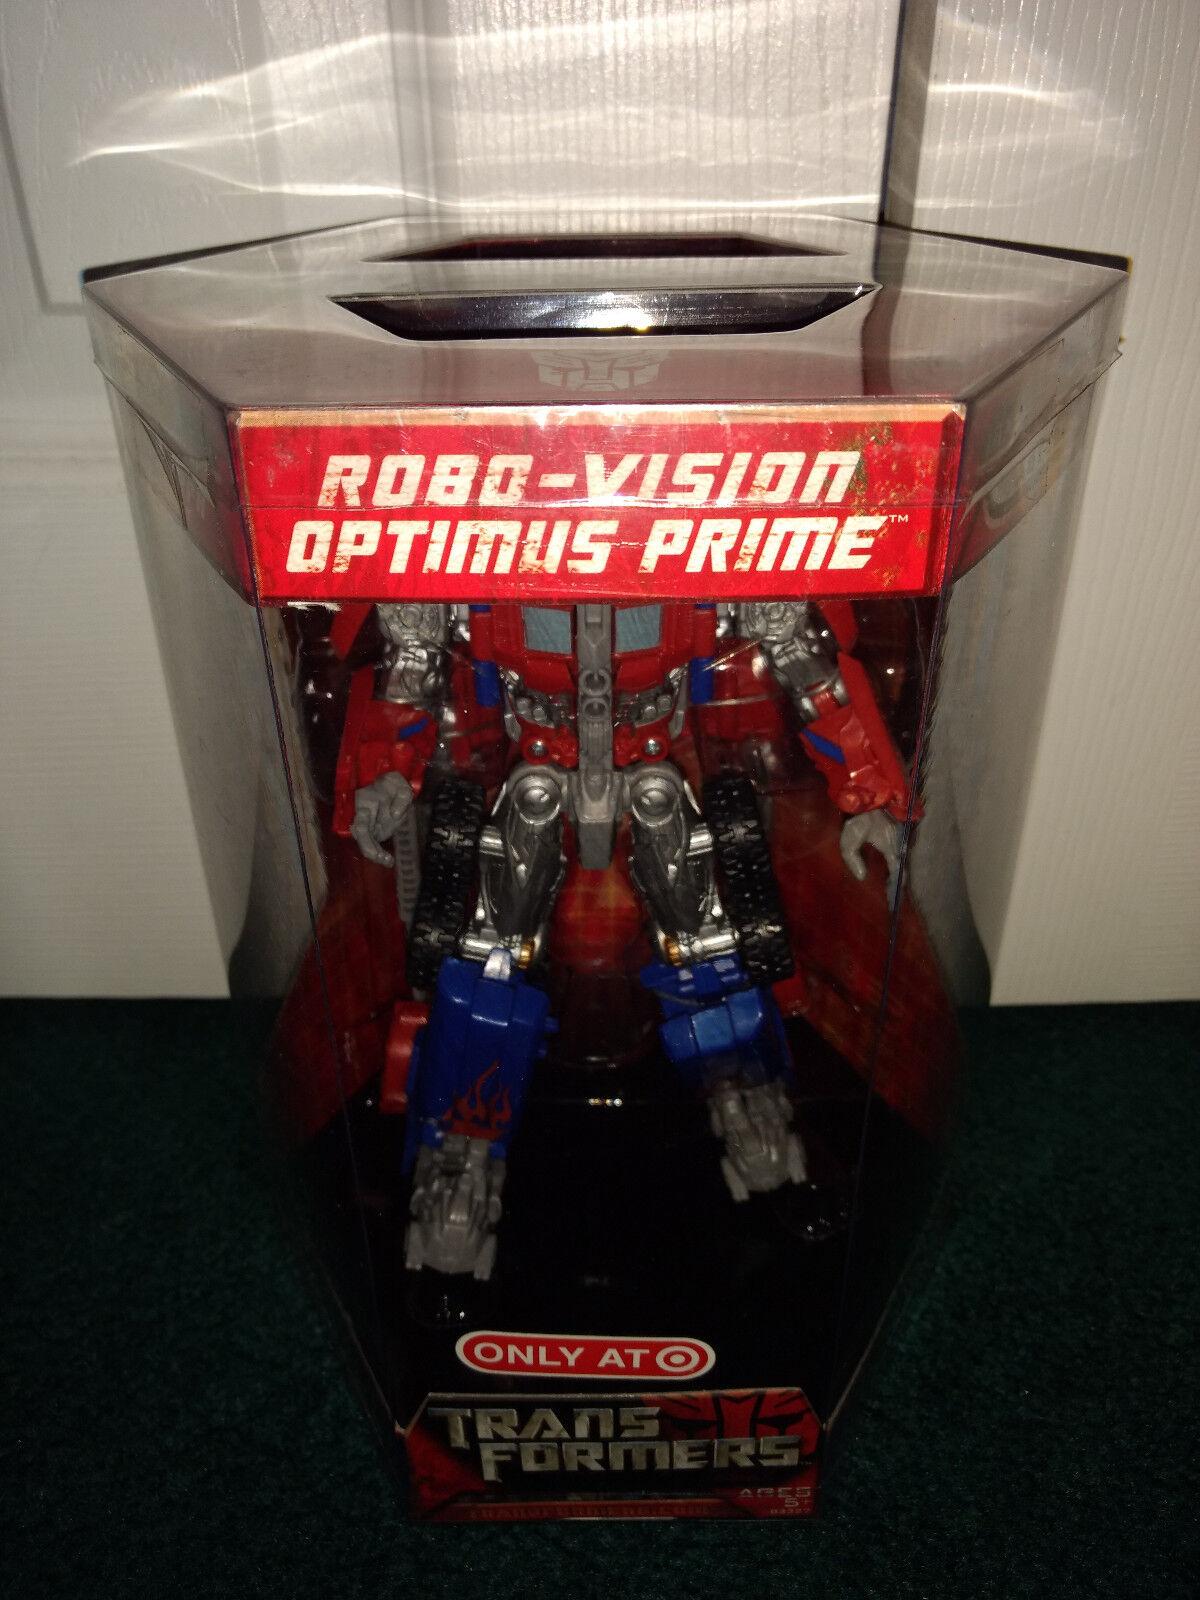 Robo - vision, optimus prime transformers - film 1 hasbro 2007 misp eine exklusive